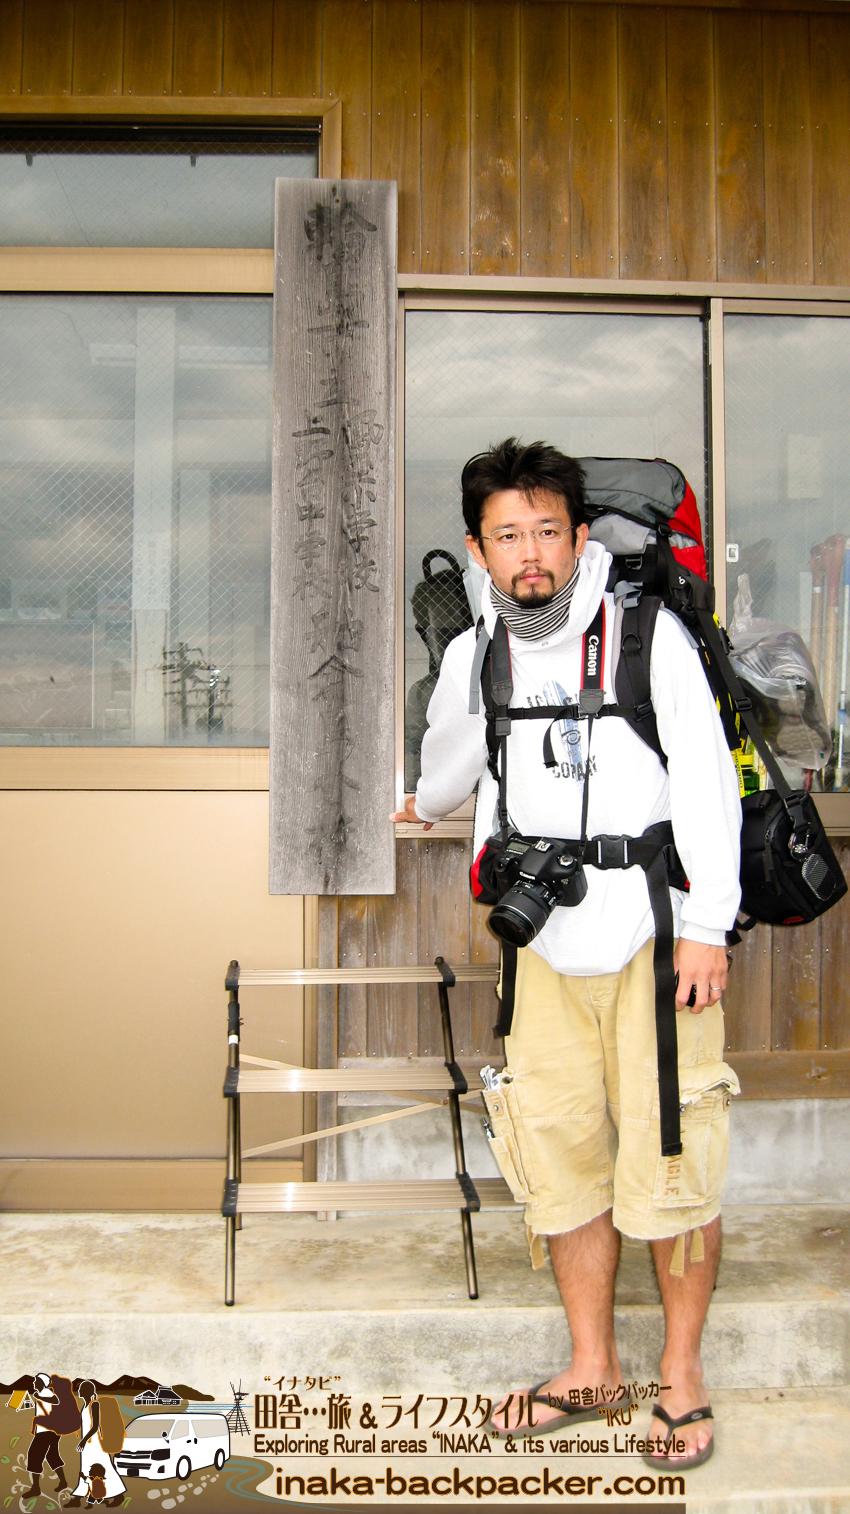 ようやく石川県舳倉島(へぐらじま)に到着した。At Hegura Jima island